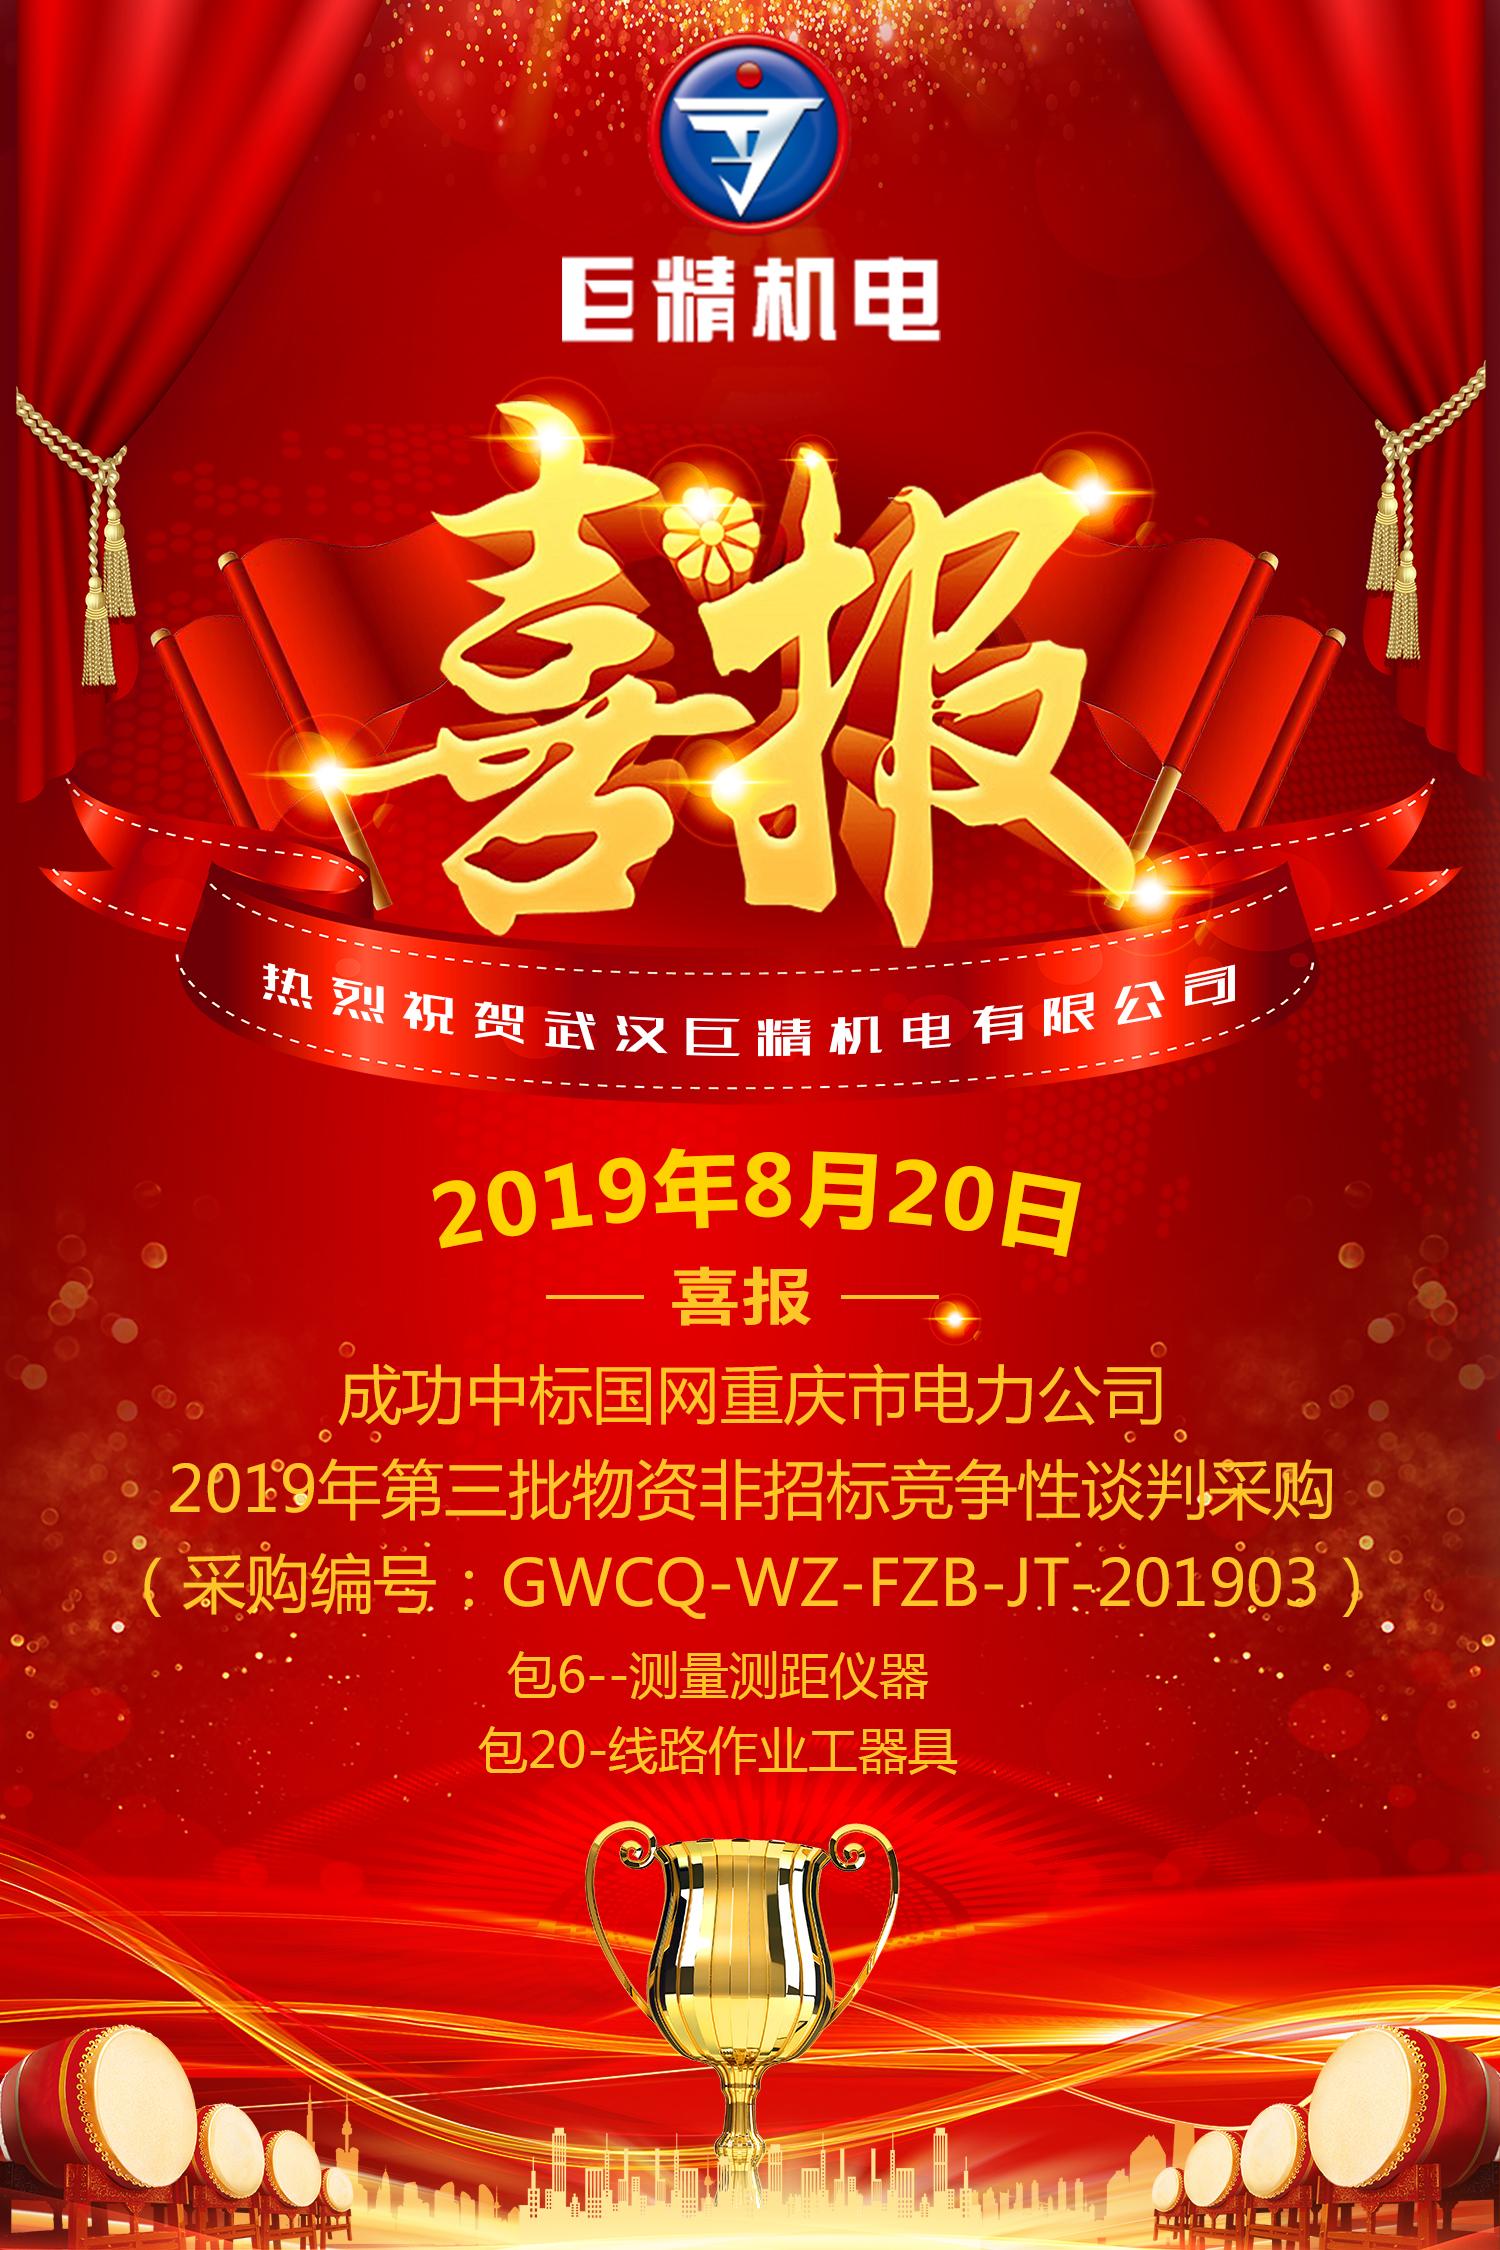 热烈祝贺武汉巨精中标国网重庆市电力公司2019年第三批物资非招标竞争性谈判采购